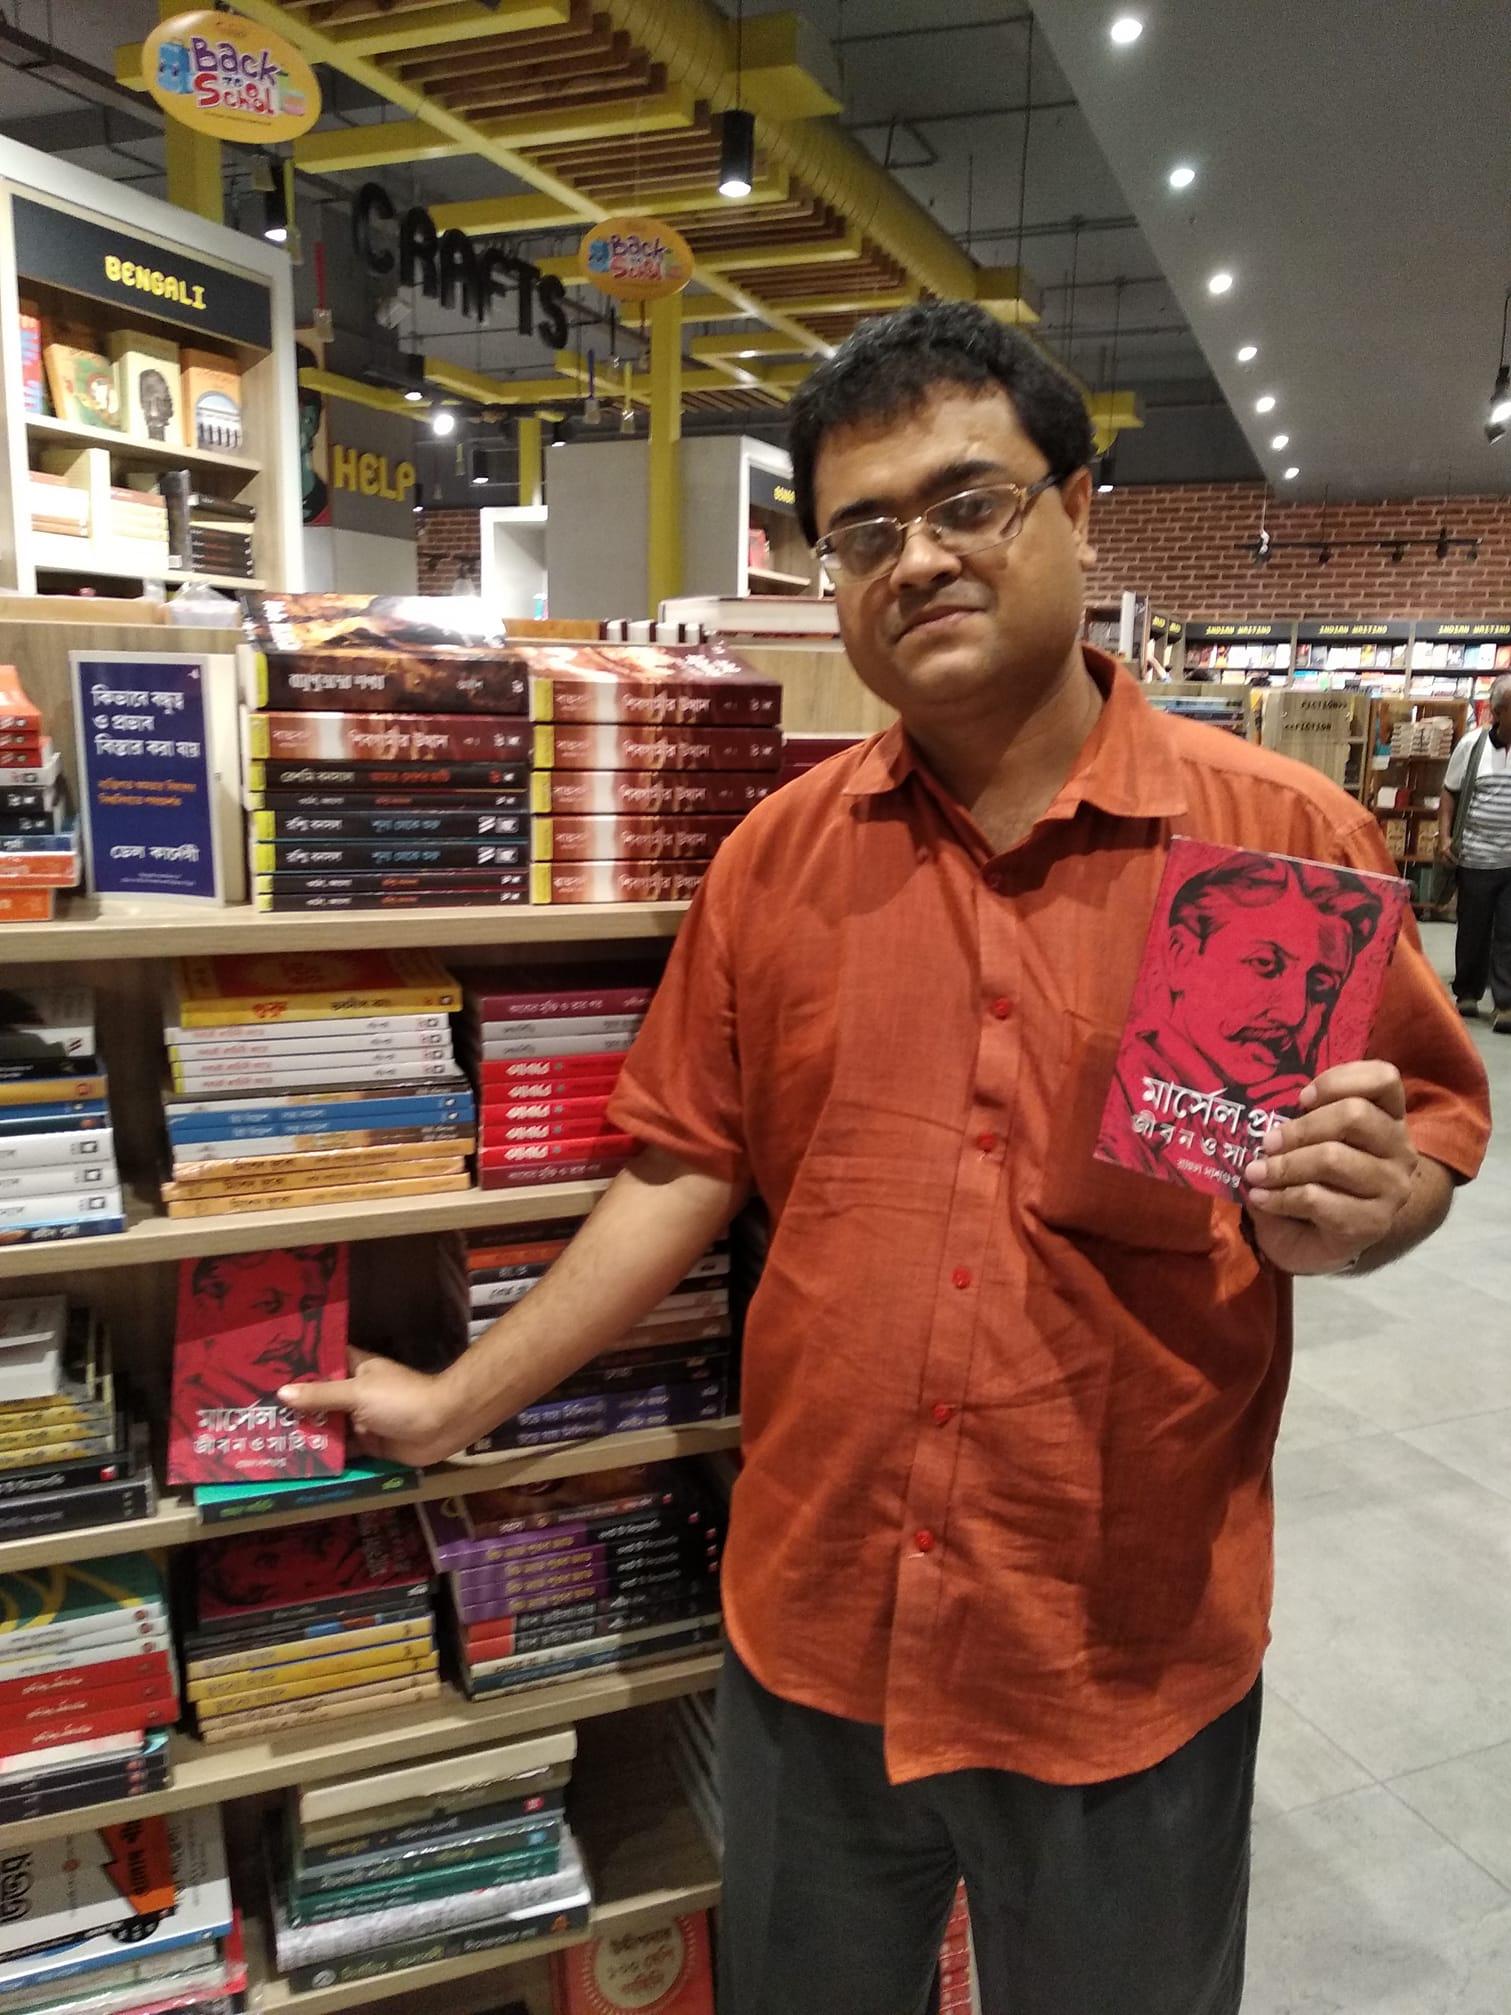 রাহুল দাশগুপ্ত-র কবিতা